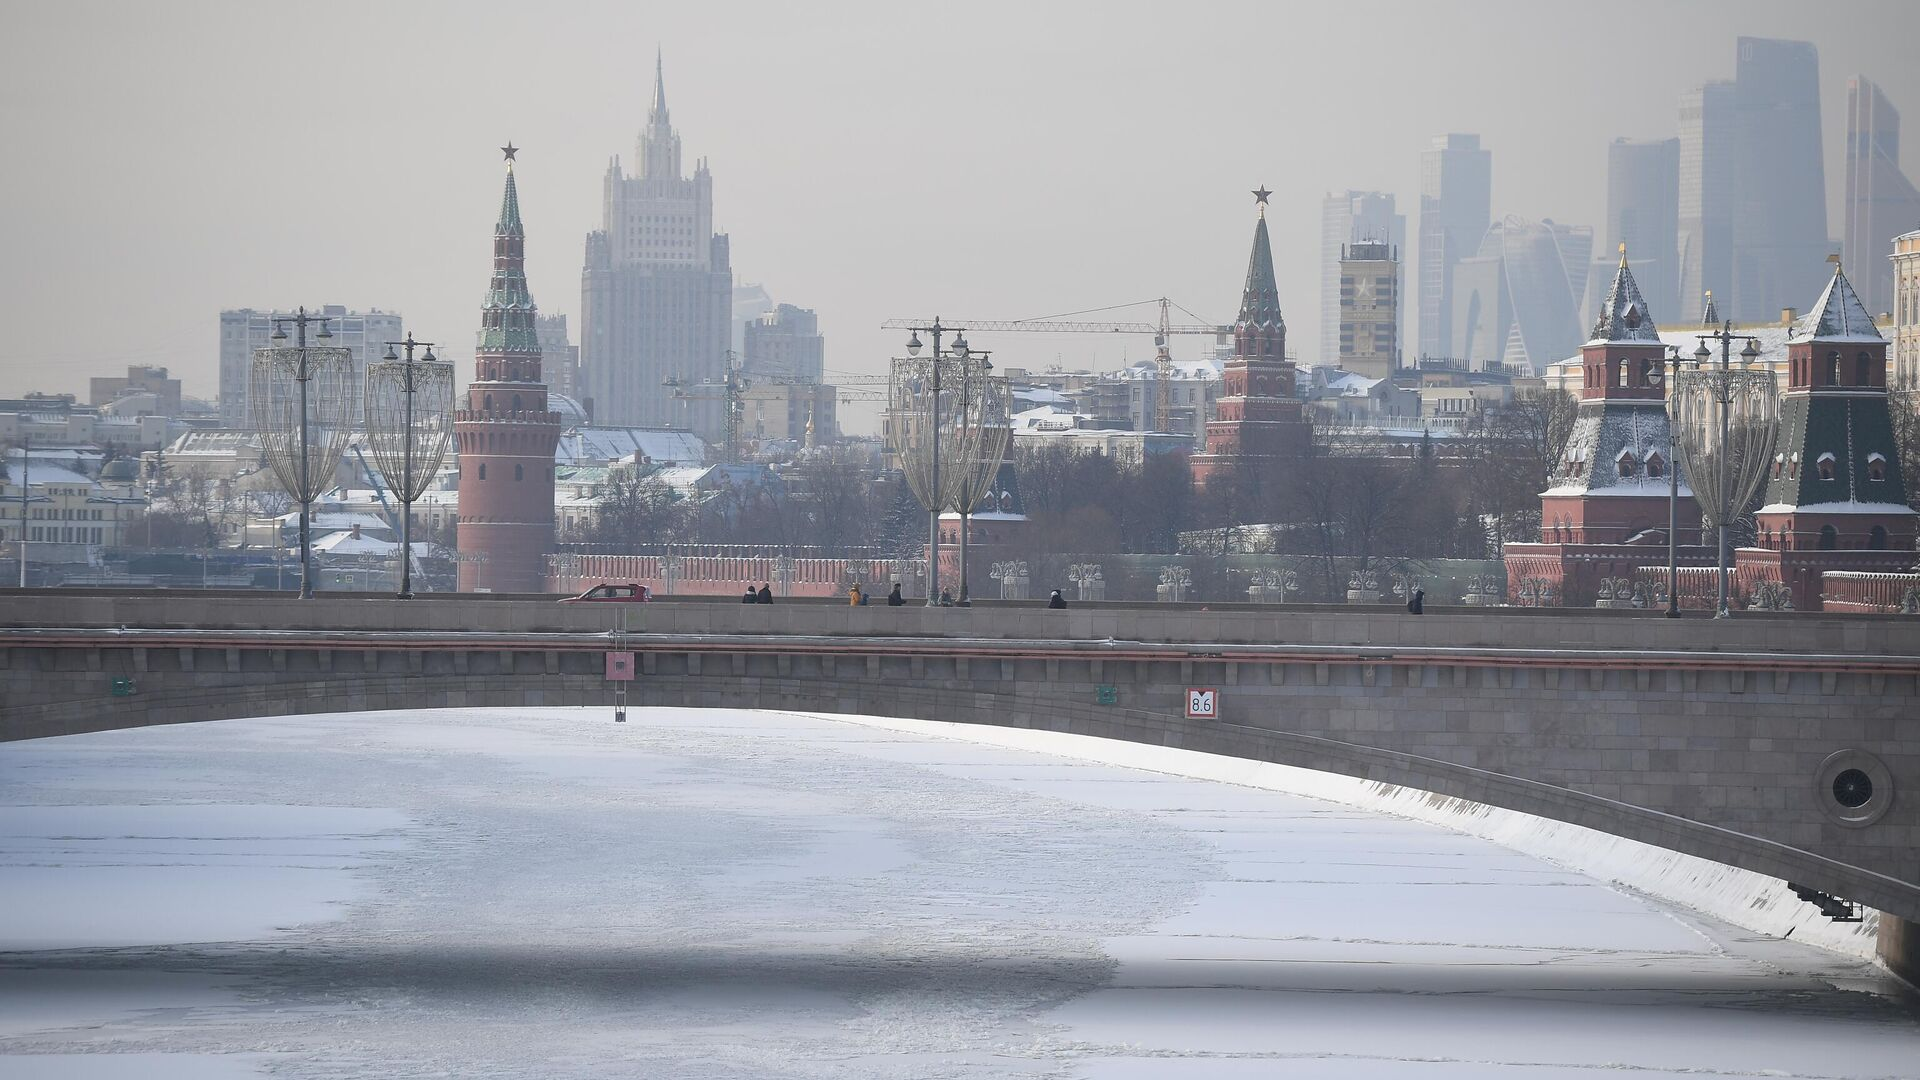 Большой Москворецкий мост в Москве - РИА Новости, 1920, 22.01.2021